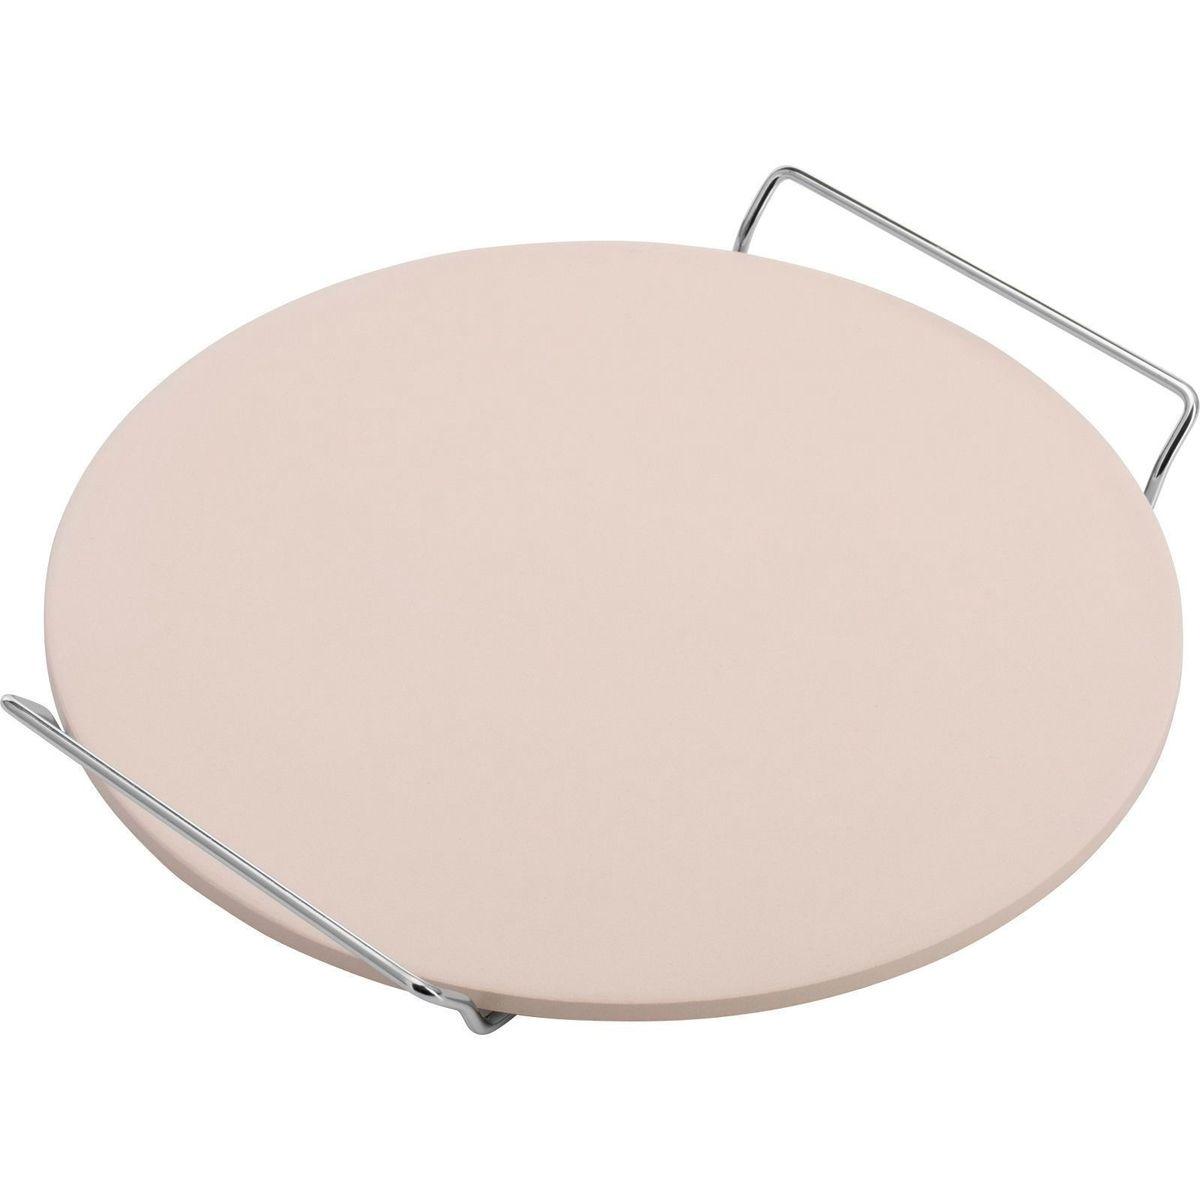 Pierre à pizza ronde diamètre 33 cm en céramique beige - Westmark